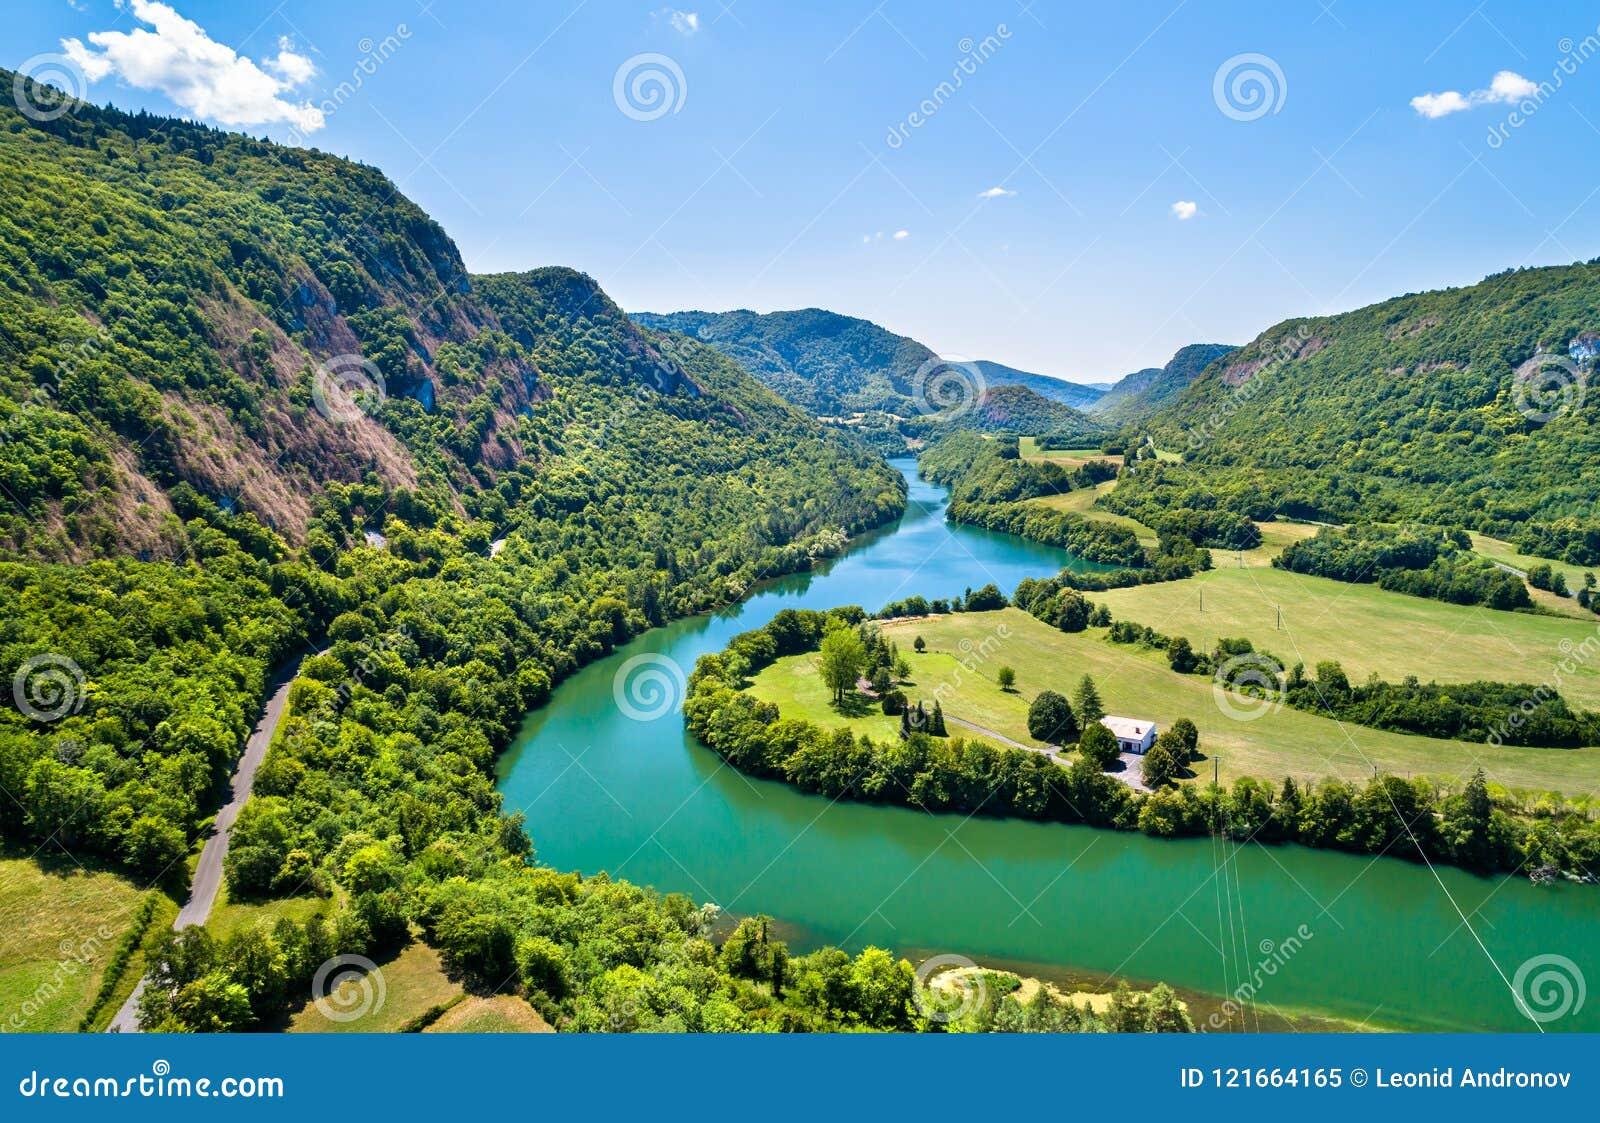 Garganta del río Ain en Francia